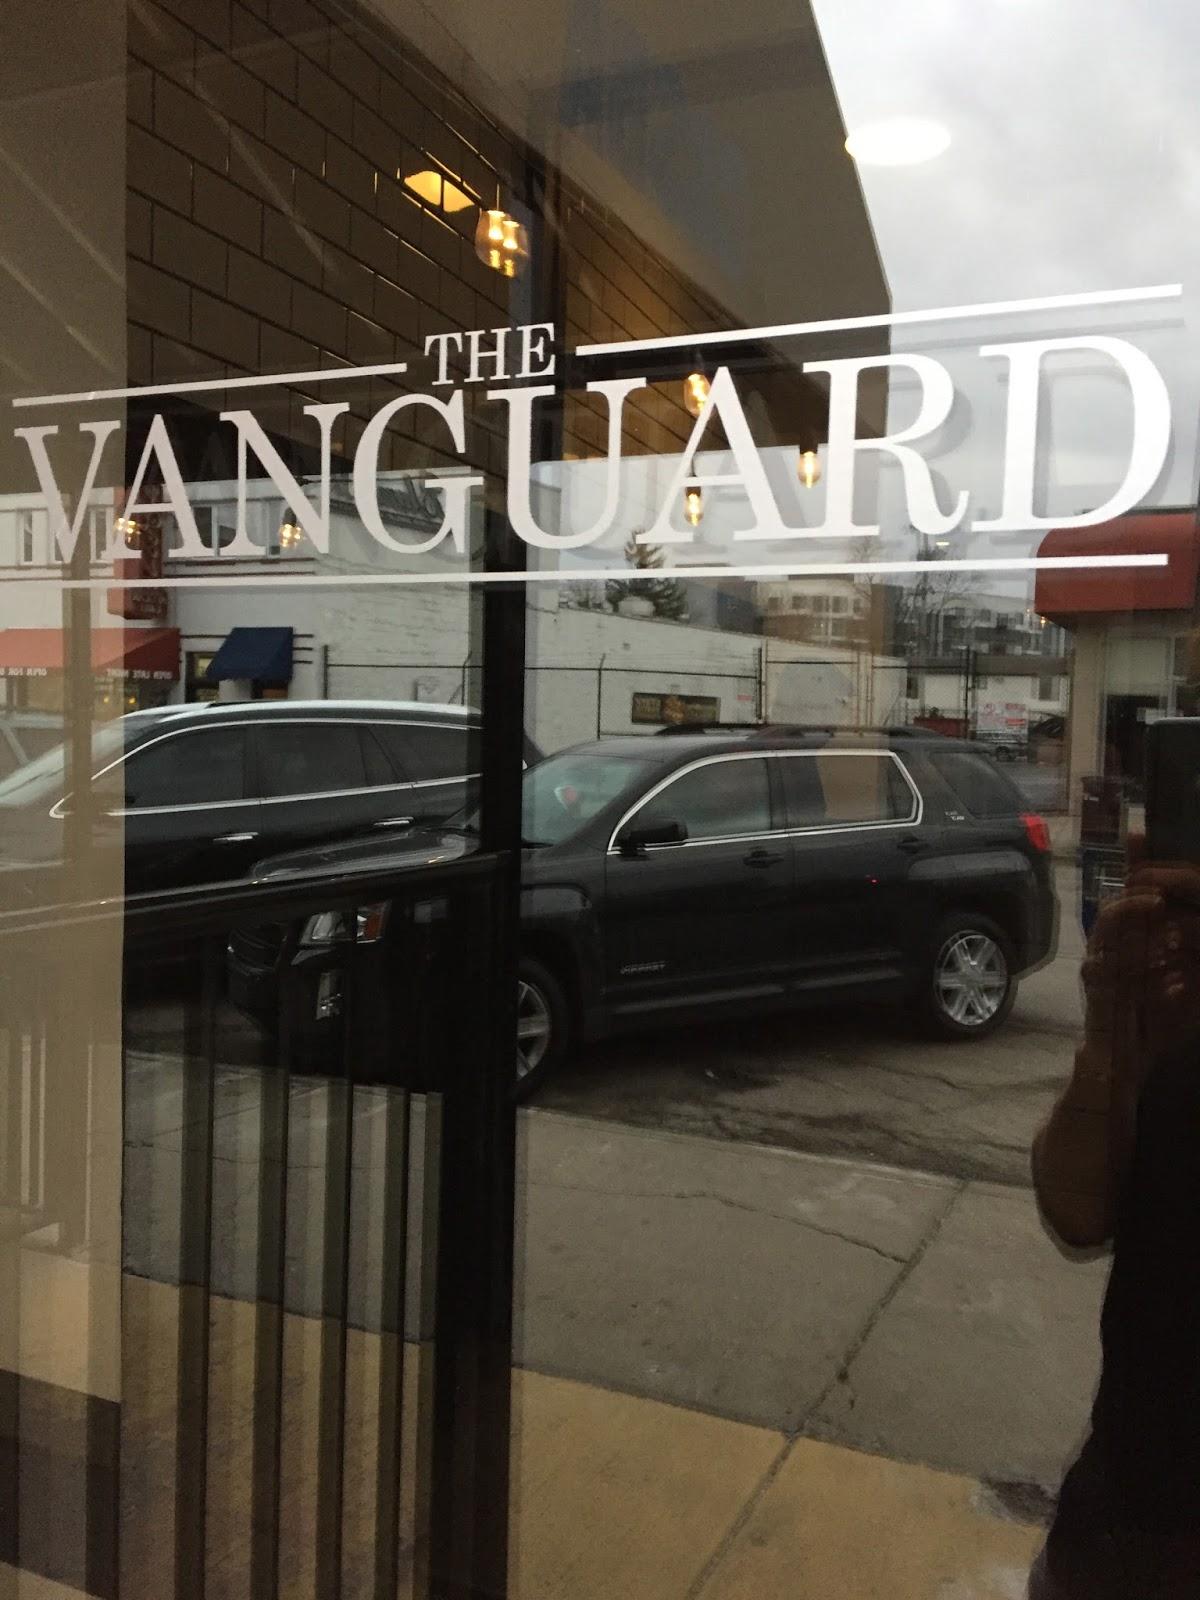 Indianapolis Restaurant Scene: The Vanguard